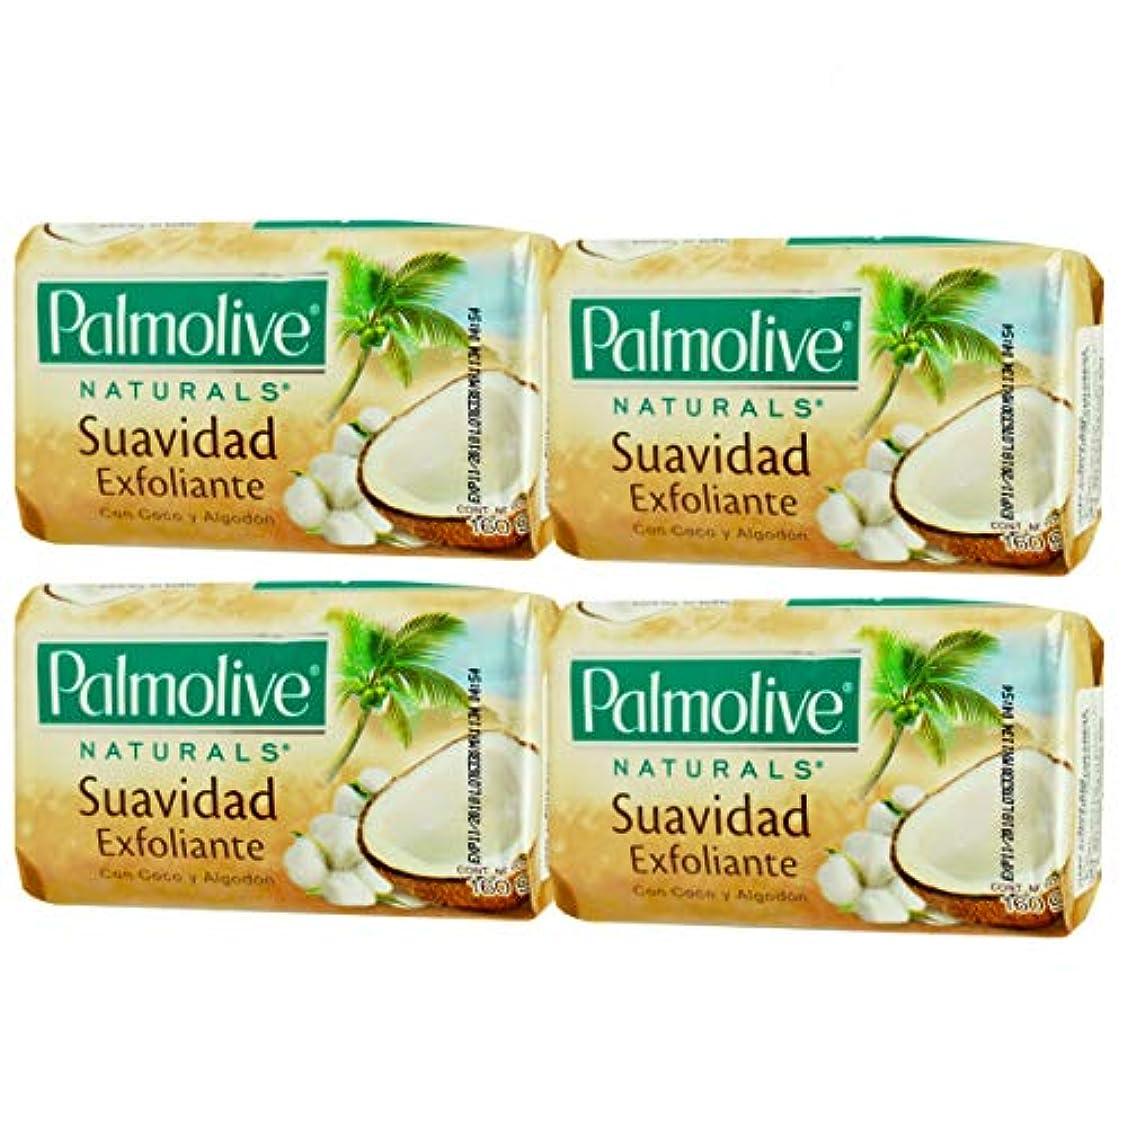 遺伝的スリラー逸話Palmolive ナチュラルズココY Algodonソープココナッツと綿160Gパック4